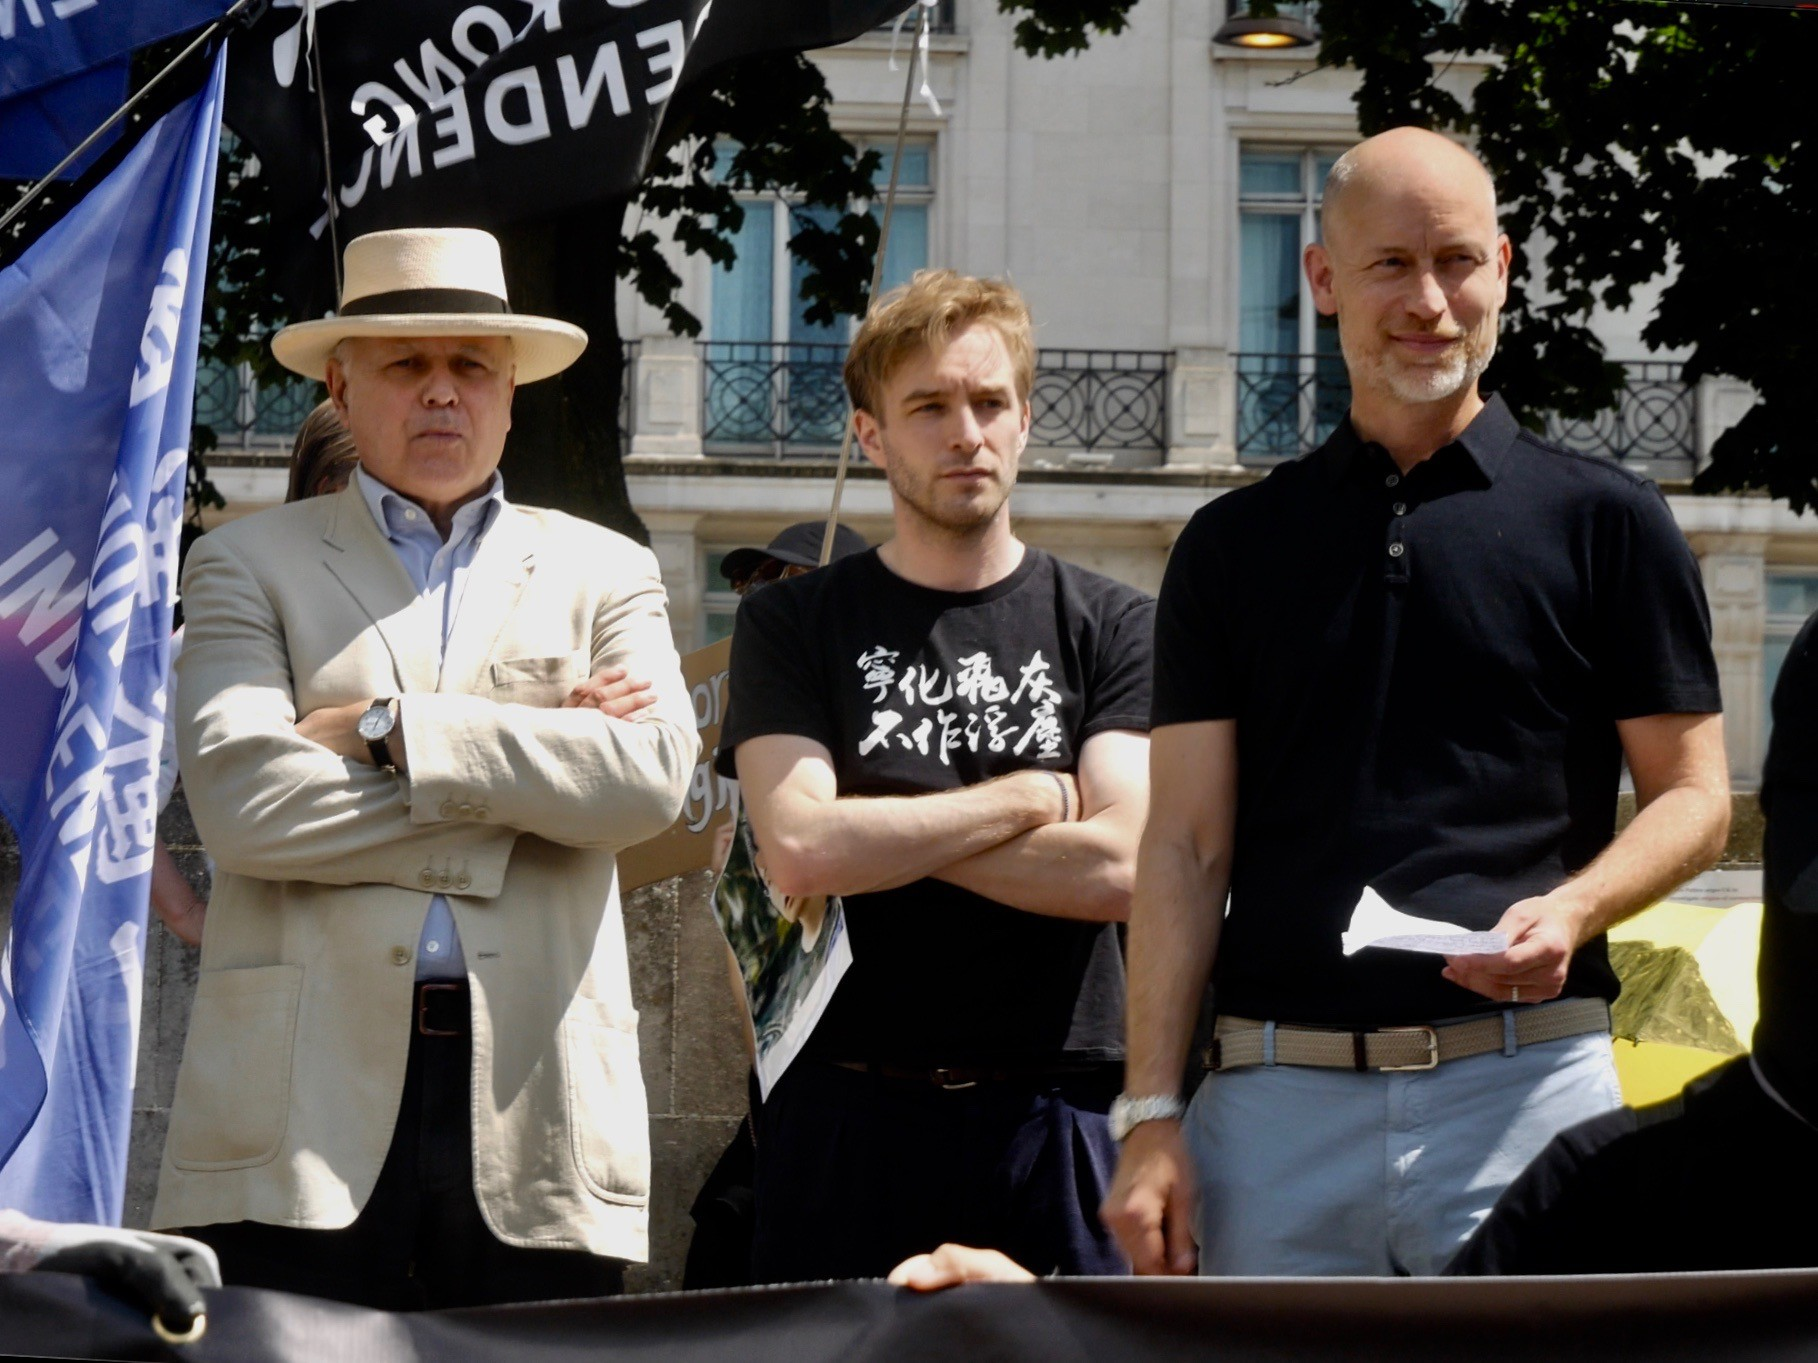 Sir Iain Duncan Smith, Labour MP Stephen Kinnock, and Hong Kong Watch's Luke de Pulford attend a pro-Hong Kong freedom protest in London. June 12th, 2021. Kurt Zindulka, Breitbart News